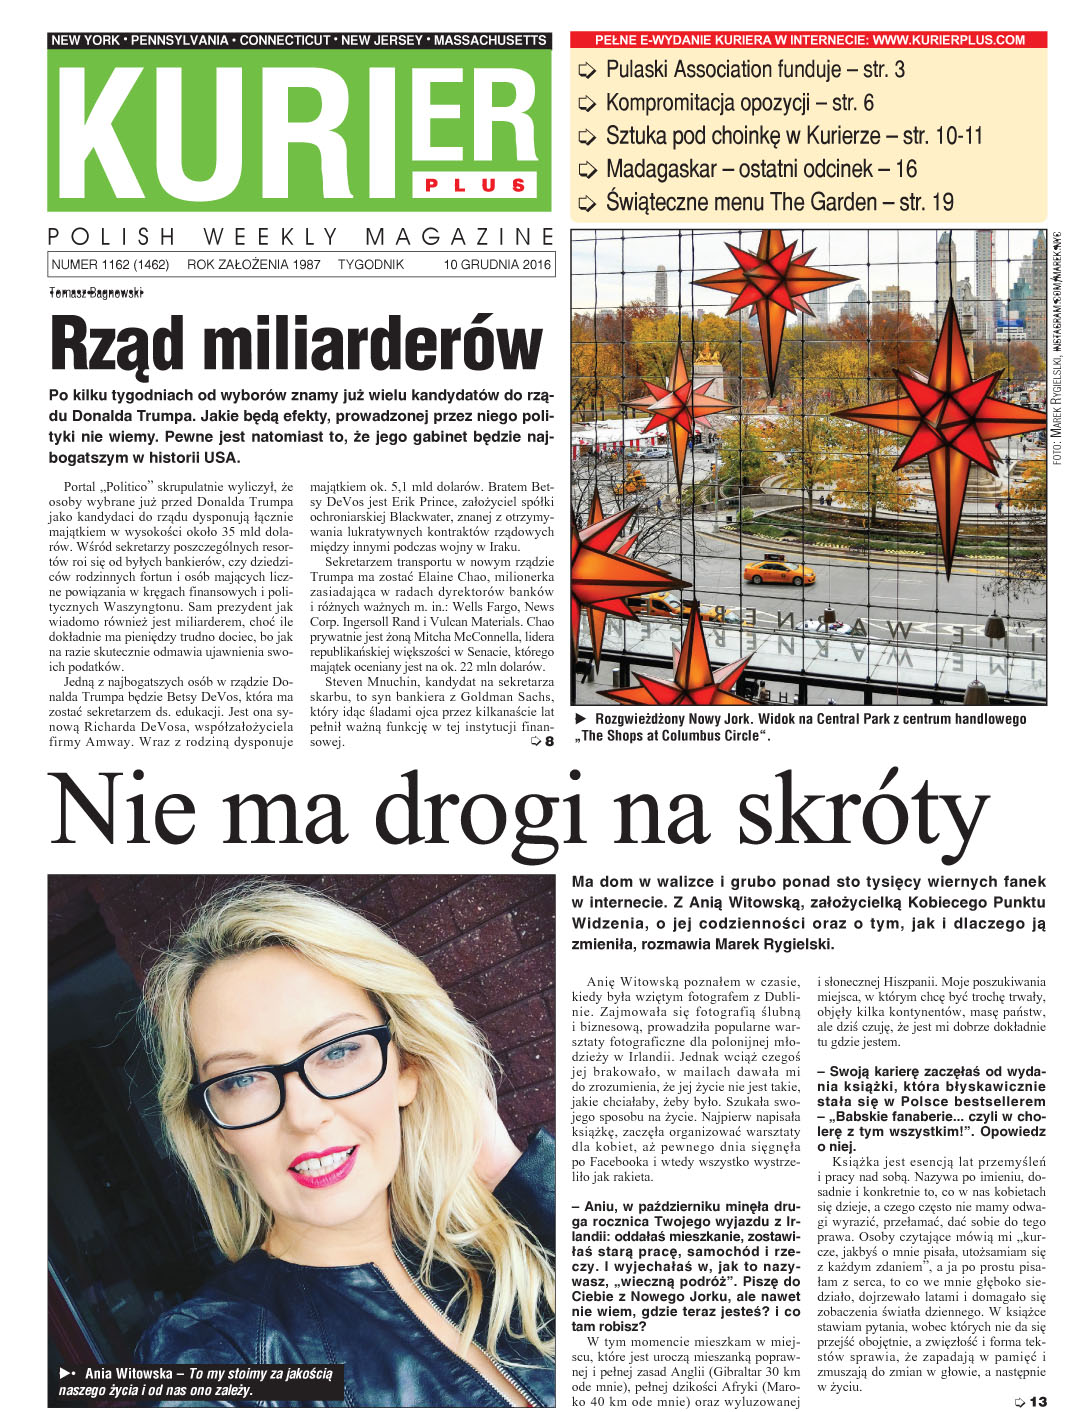 Kurier Plus - e-wydanie 10 grudnia 2016